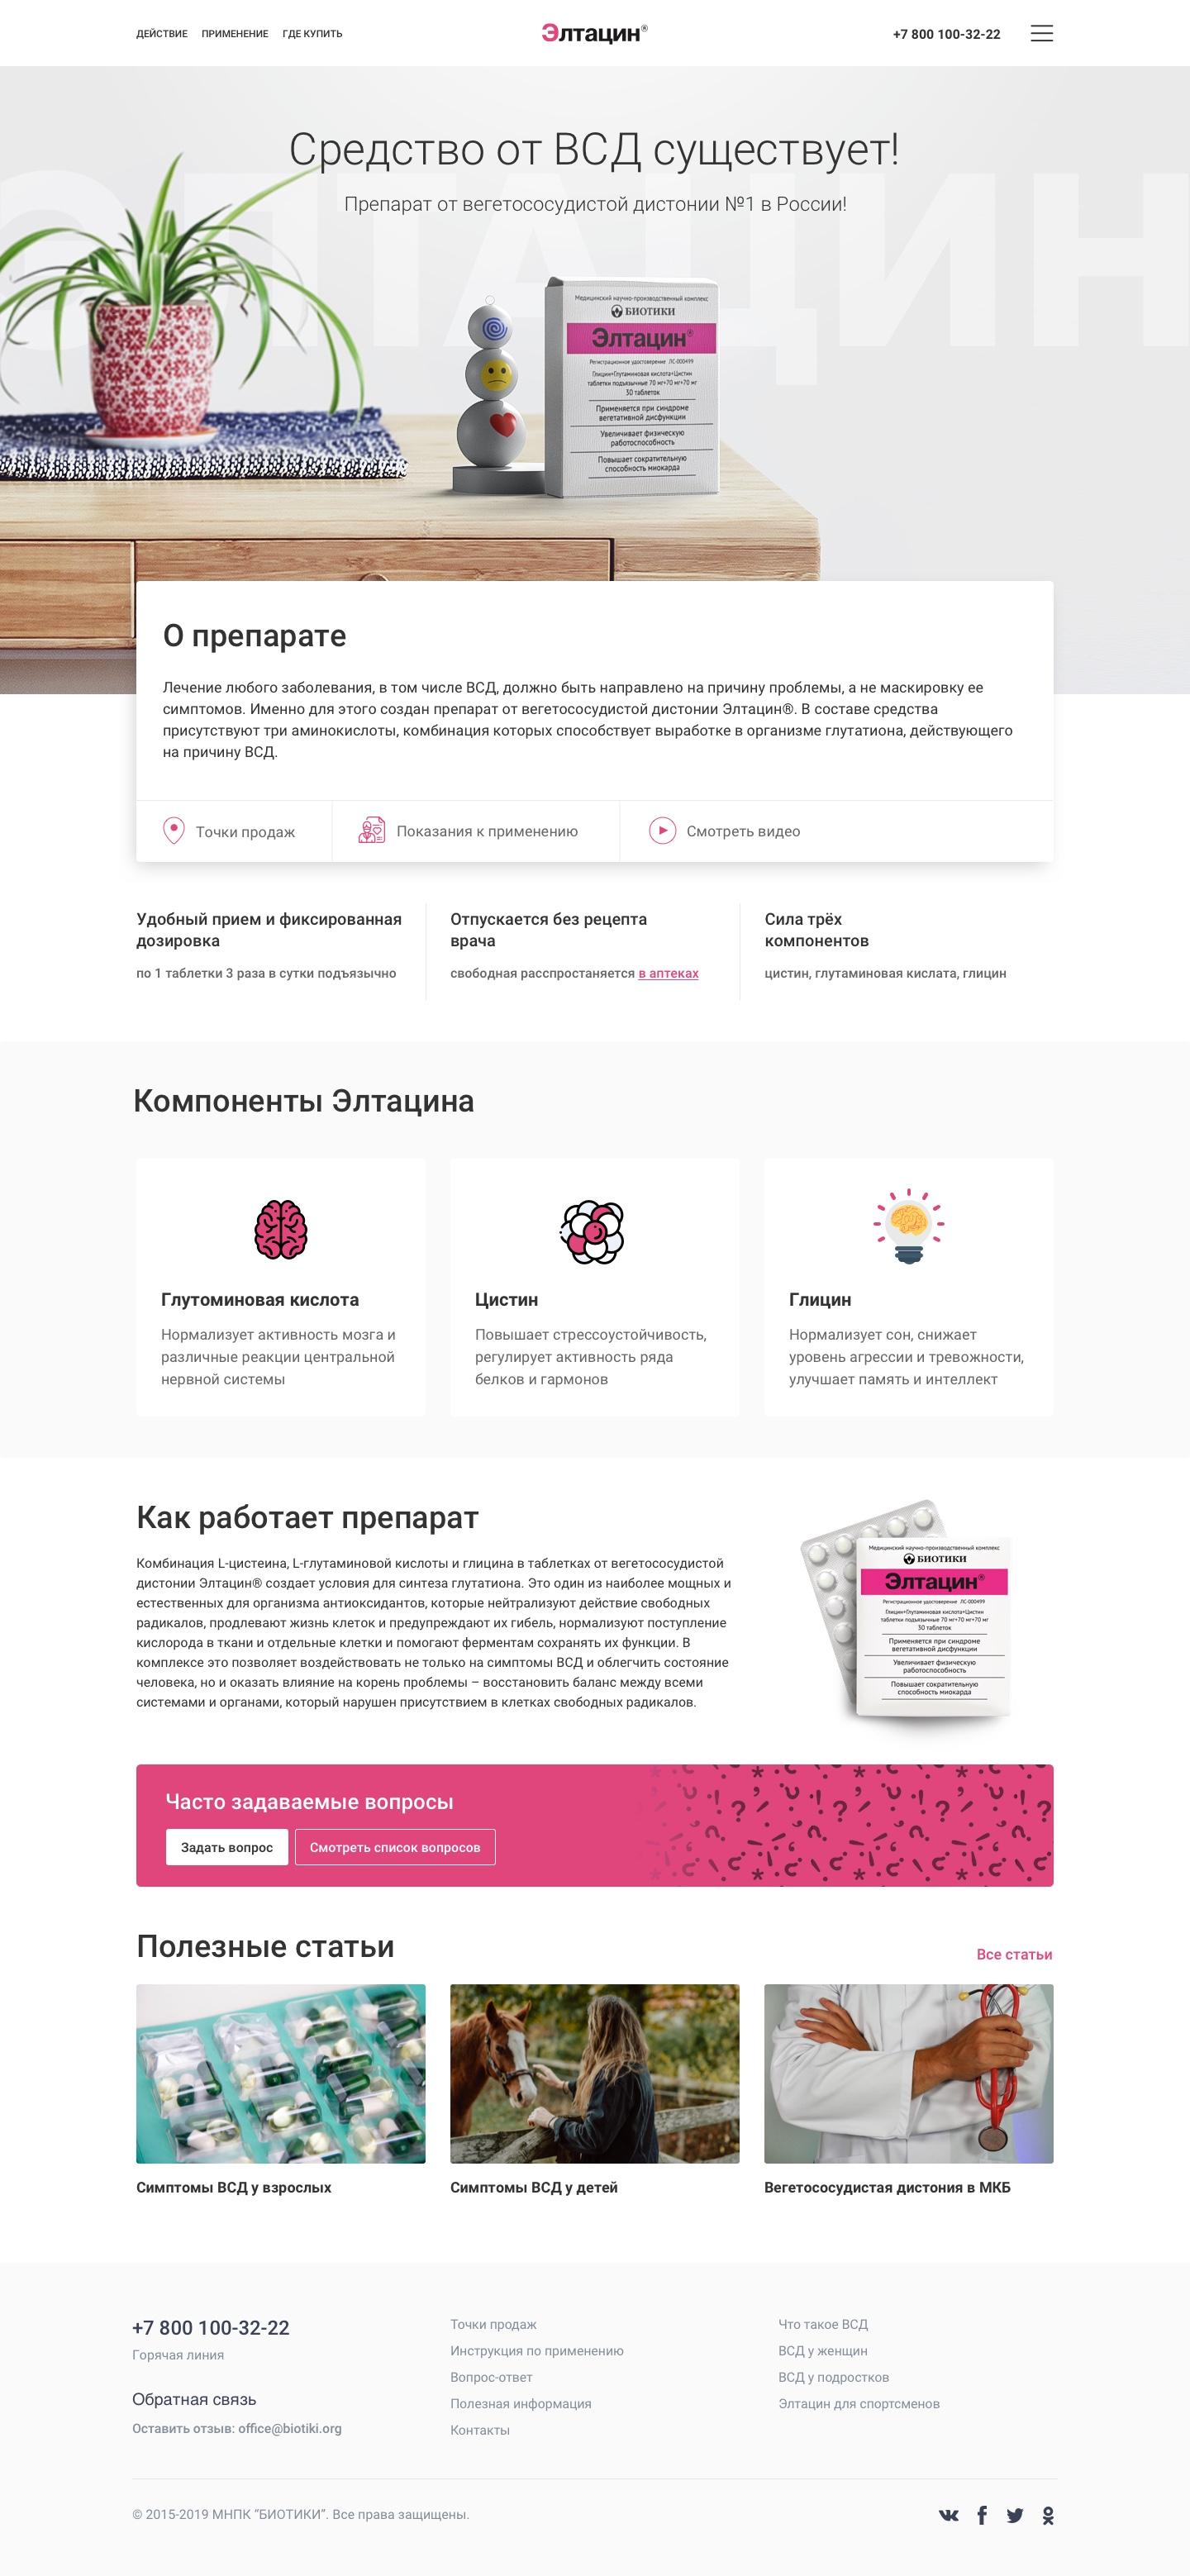 Дизайн главной страницы сайта лекарственного препарата фото f_3625c9830b2597f5.jpg